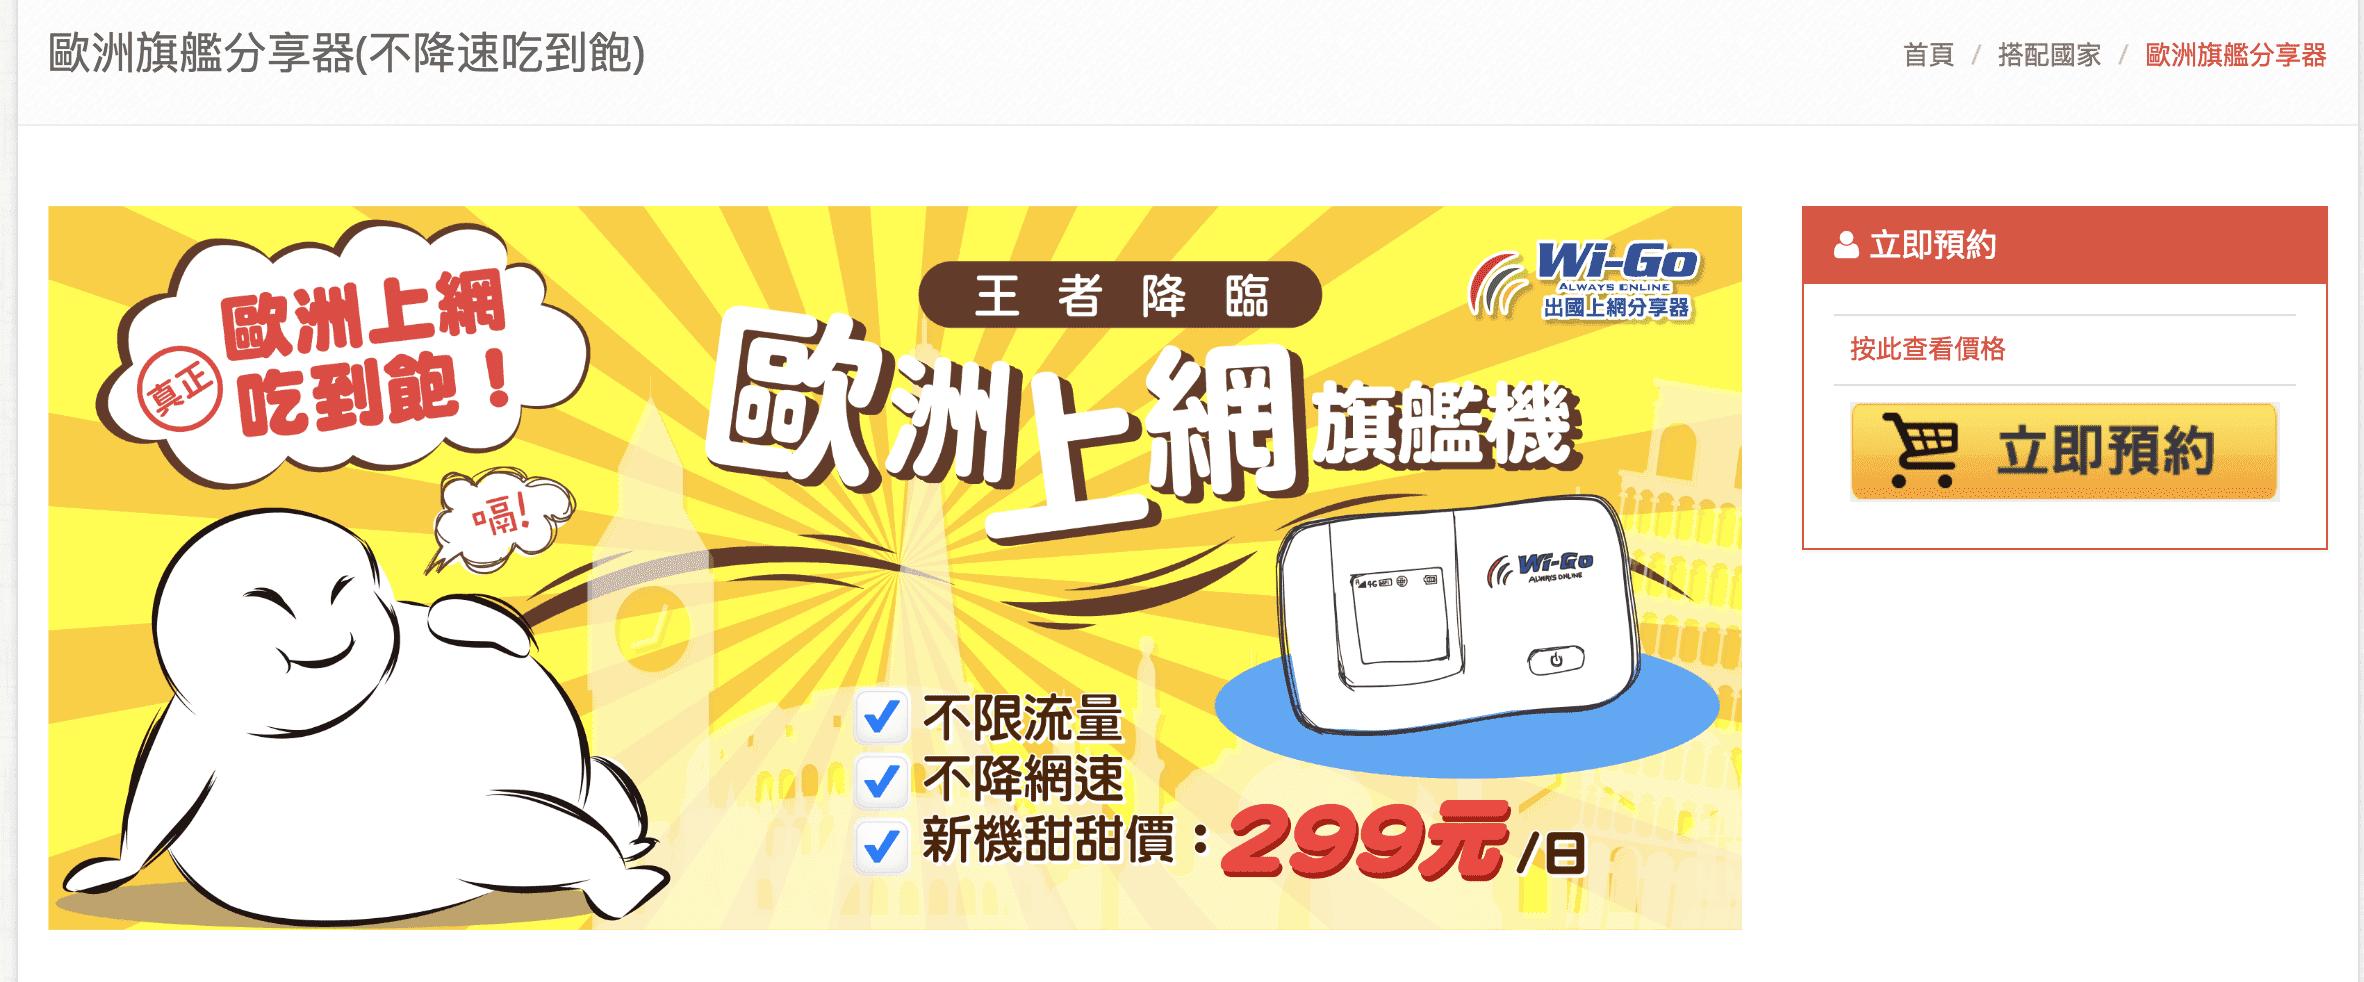 歐洲上網不降速4G吃到飽推薦|Wigo給你免擔心的旅行網路流量,完全吃到飽不降速、網速比飯店還快~獨家折扣優惠~